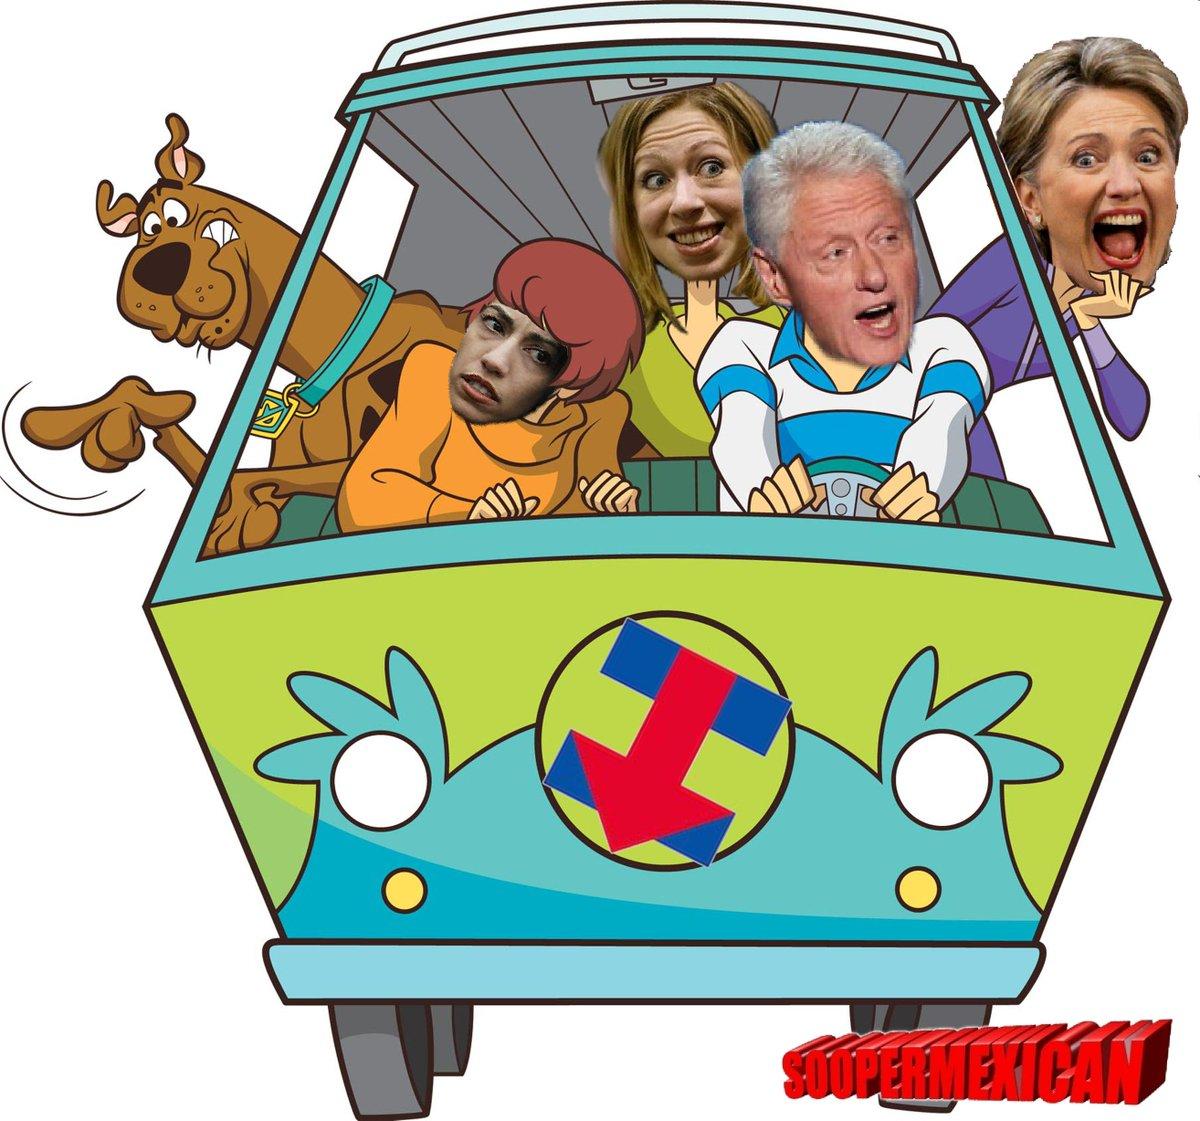 Nurse Hillary Rached Clinton